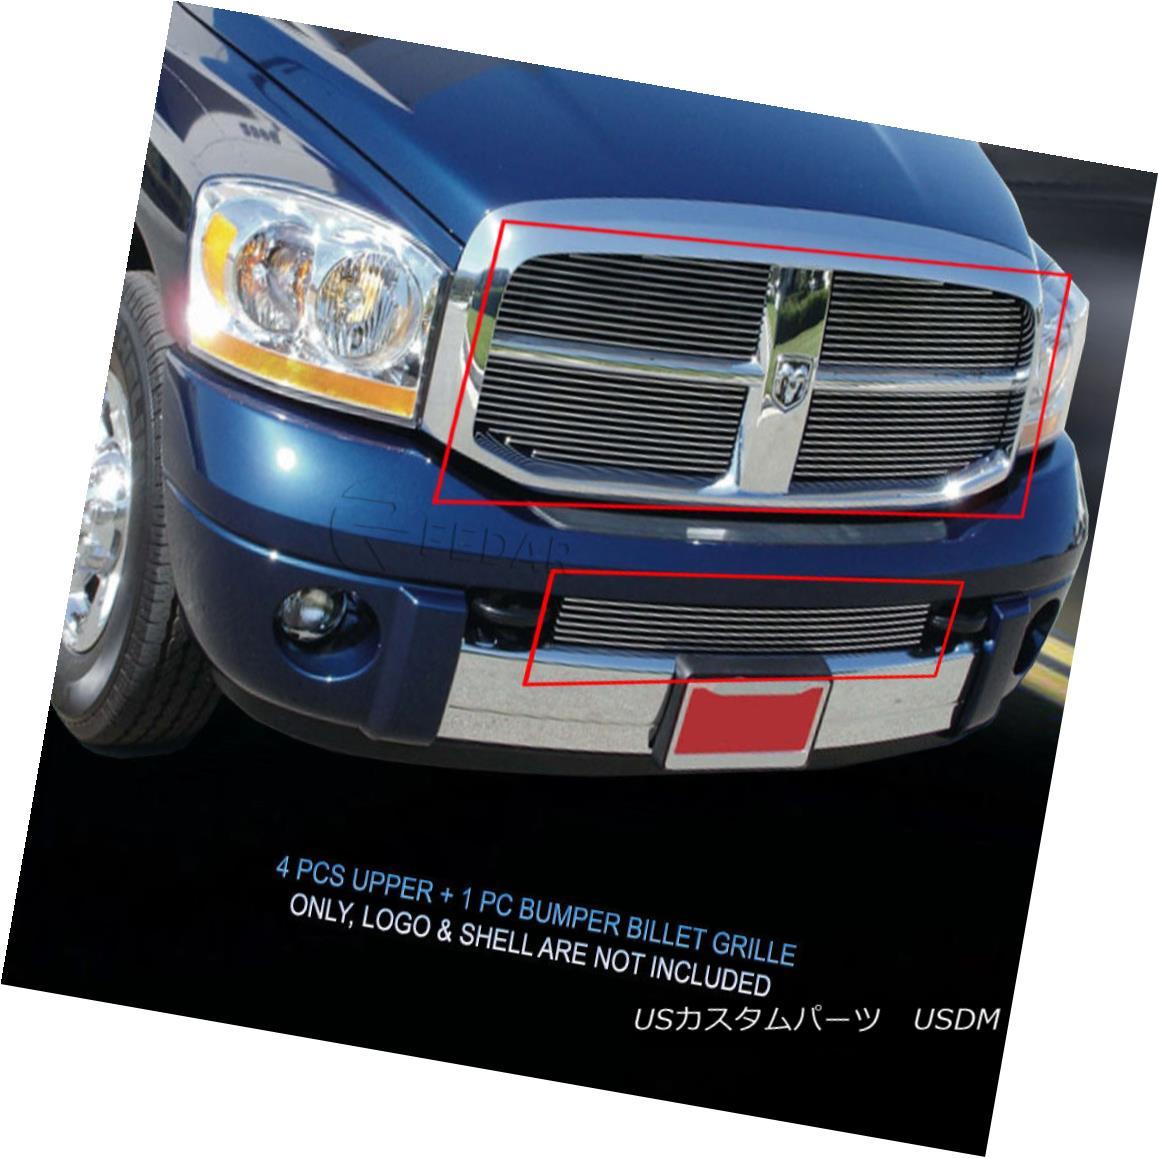 グリル Fedar Fits 2006-2008 Dodge Ram Polished Overlay Billet Grille Combo Insert Fedarは2006-2008 Dodge Ram研磨オーバーレイビレットグリルコンボインサート